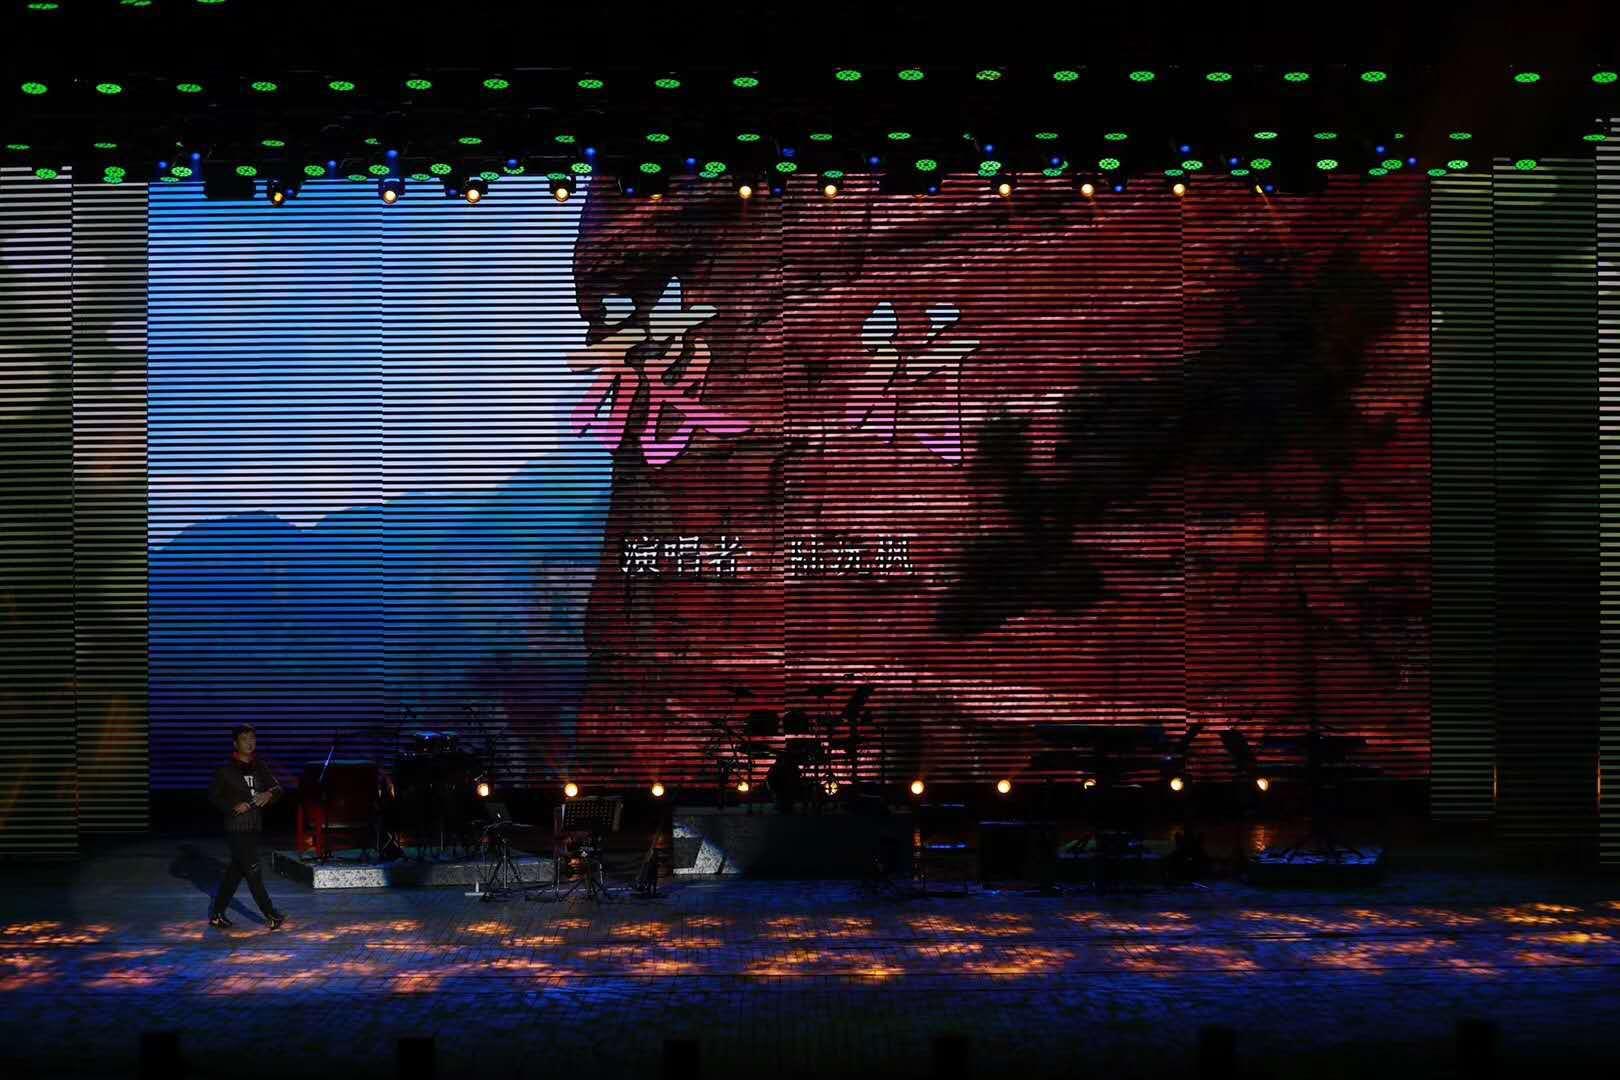 陆沅枫受交宣委邀请 携《旅行》唱响野三坡平易近歌节